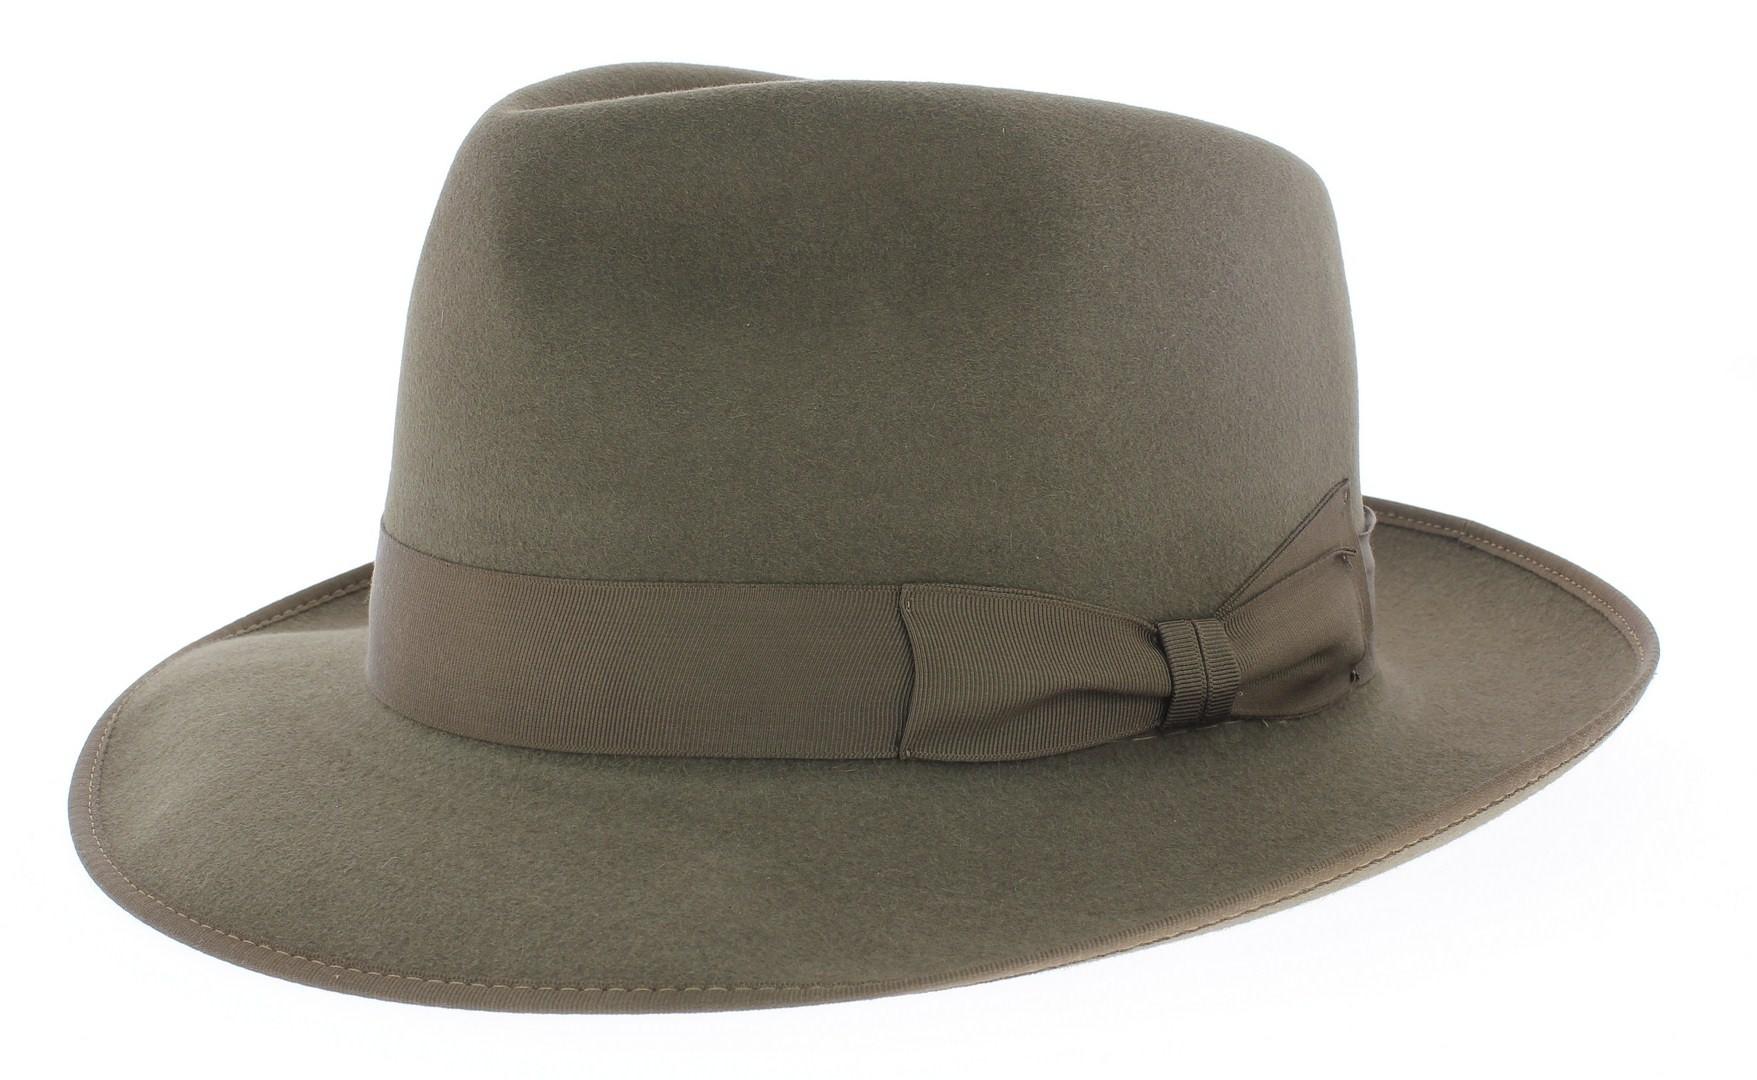 64dd4e4eff8f3 https   www.chapellerie-traclet.com fr bonnet 3202-bonnet-a-pompon ...